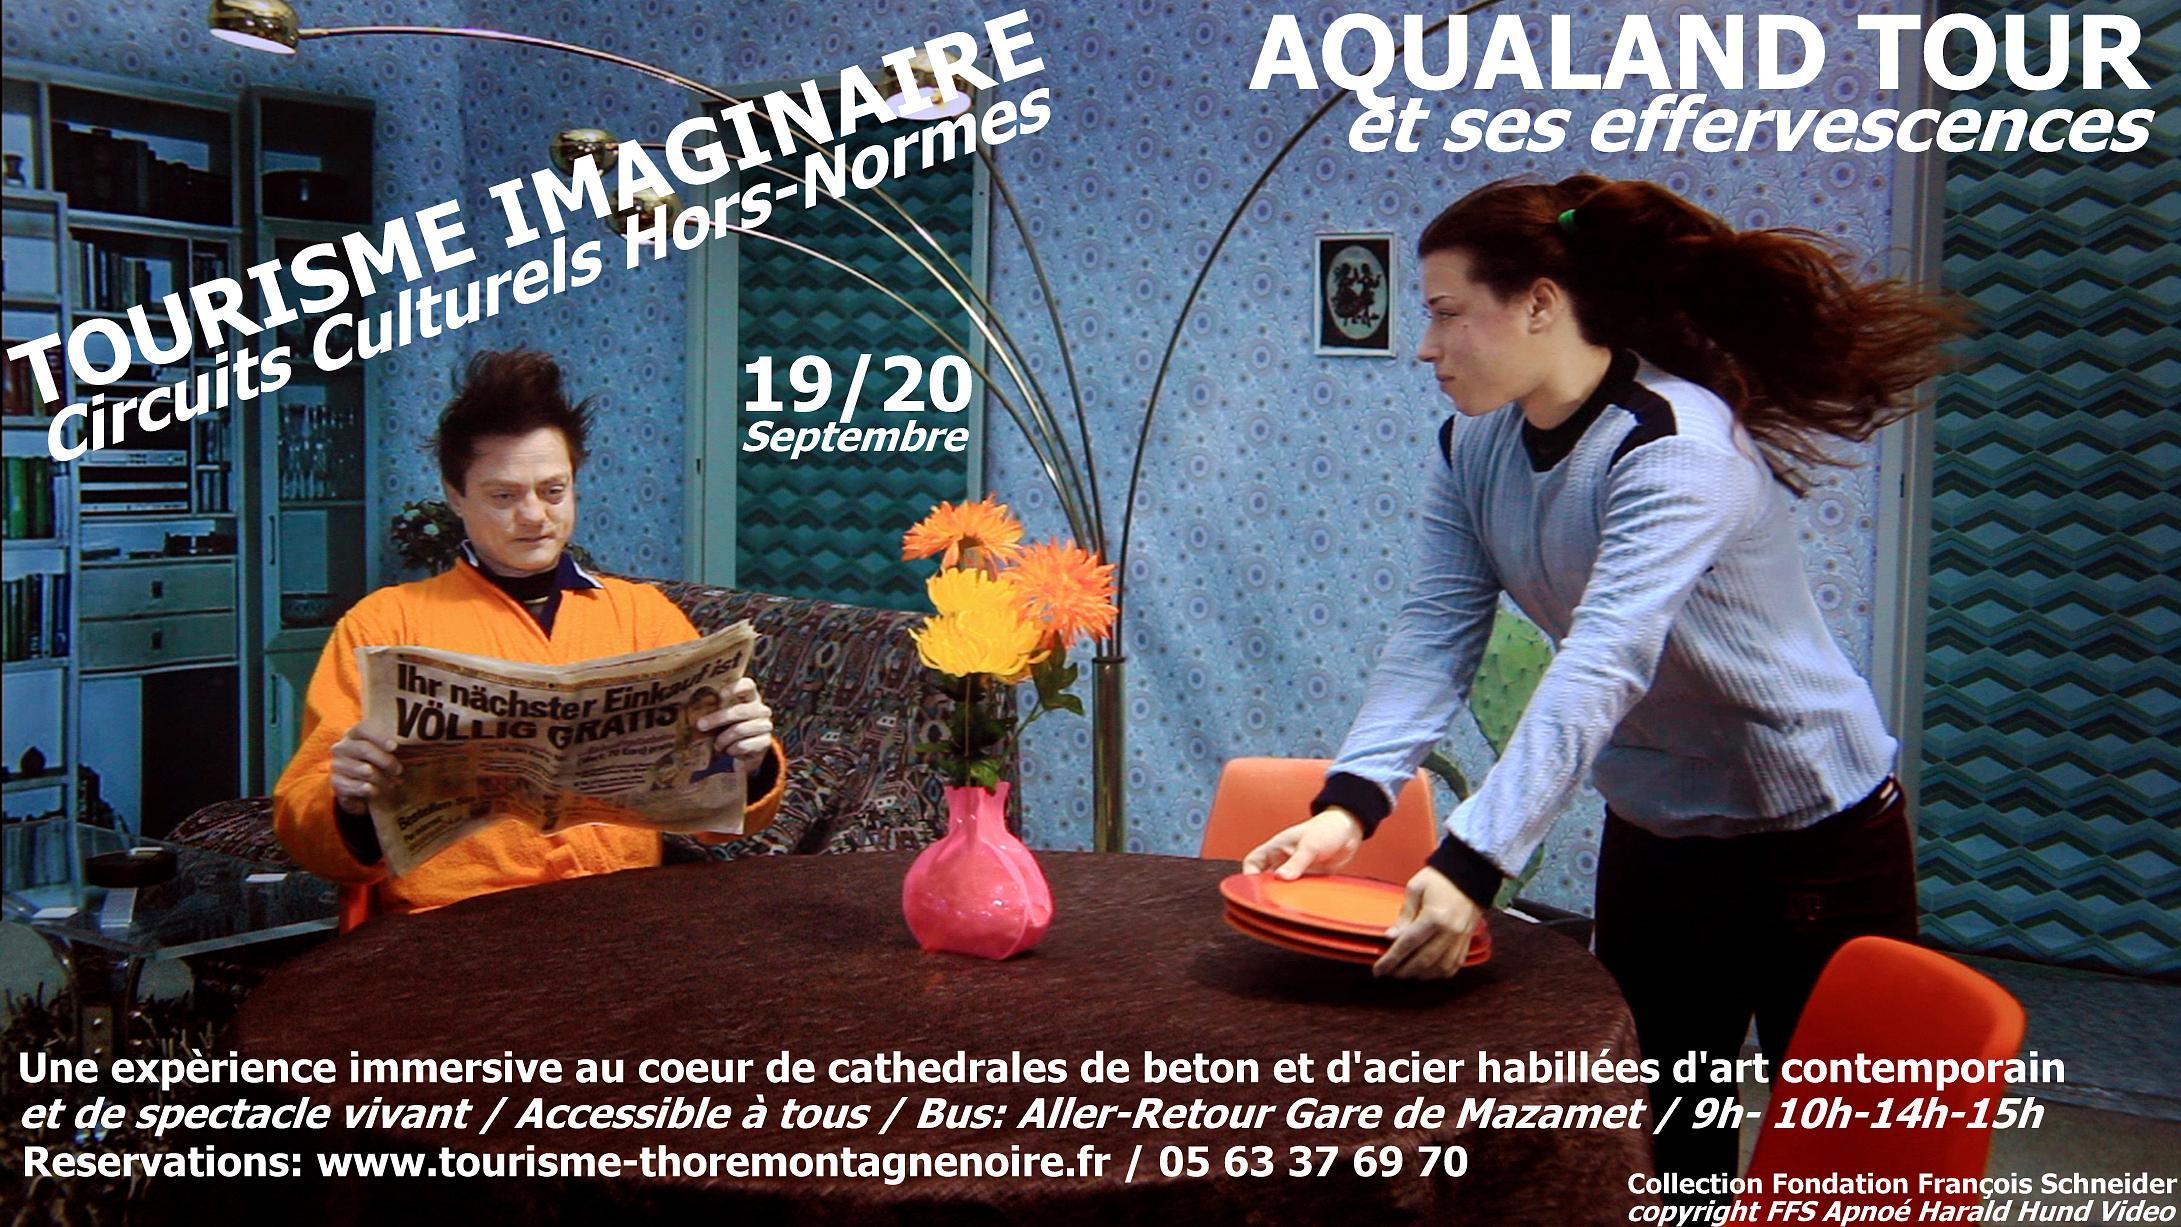 affiche tourisme imaginaire Septembre 2020